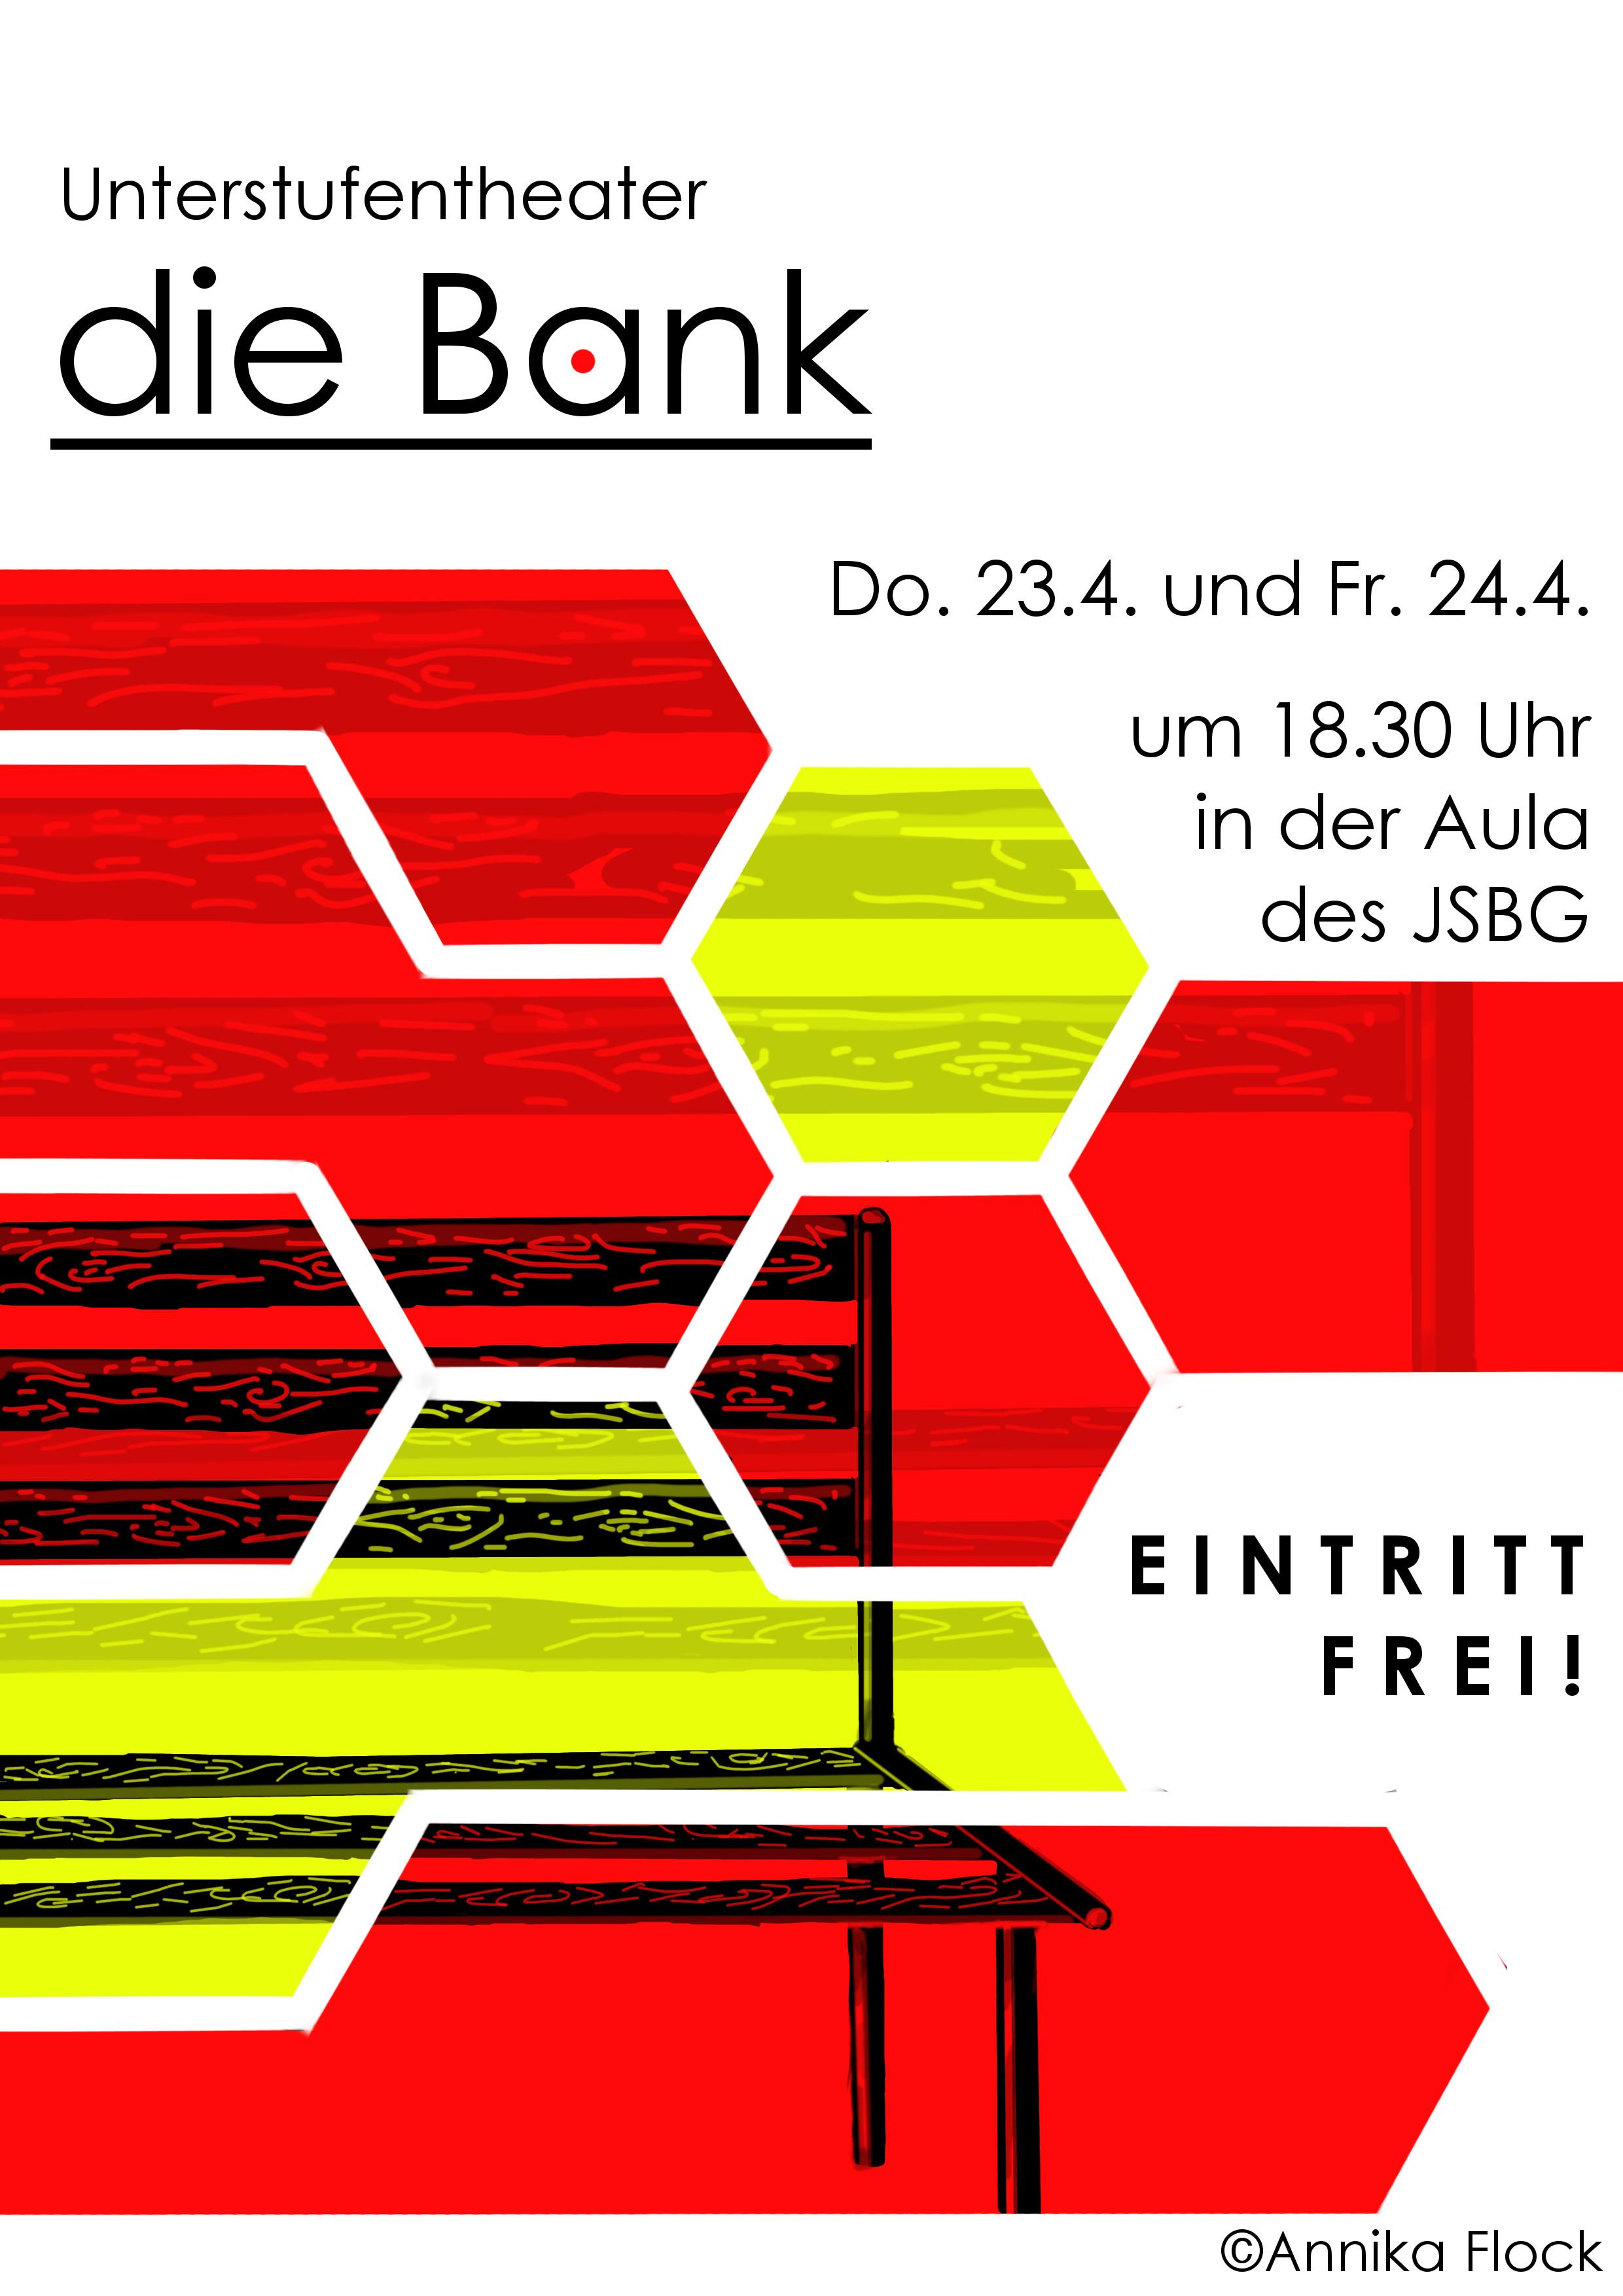 die_bank_unterstufen_theater